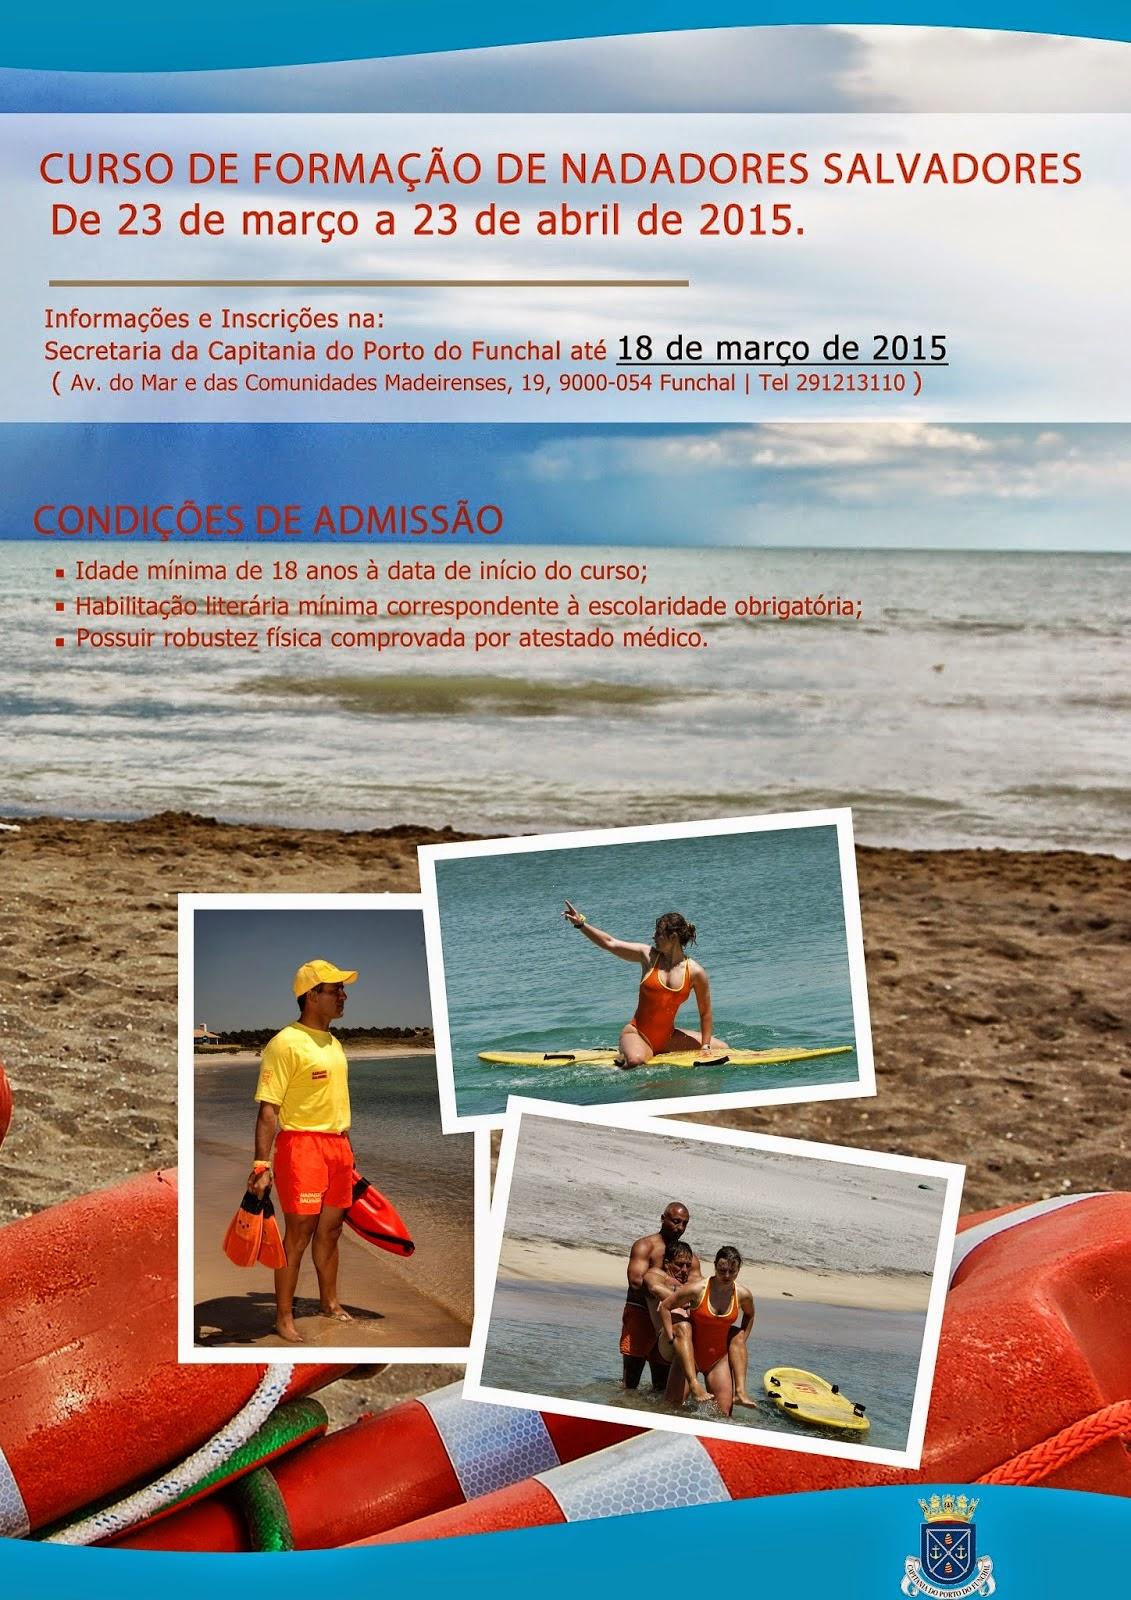 Curso de formação de nadadores salvadores no Funchal